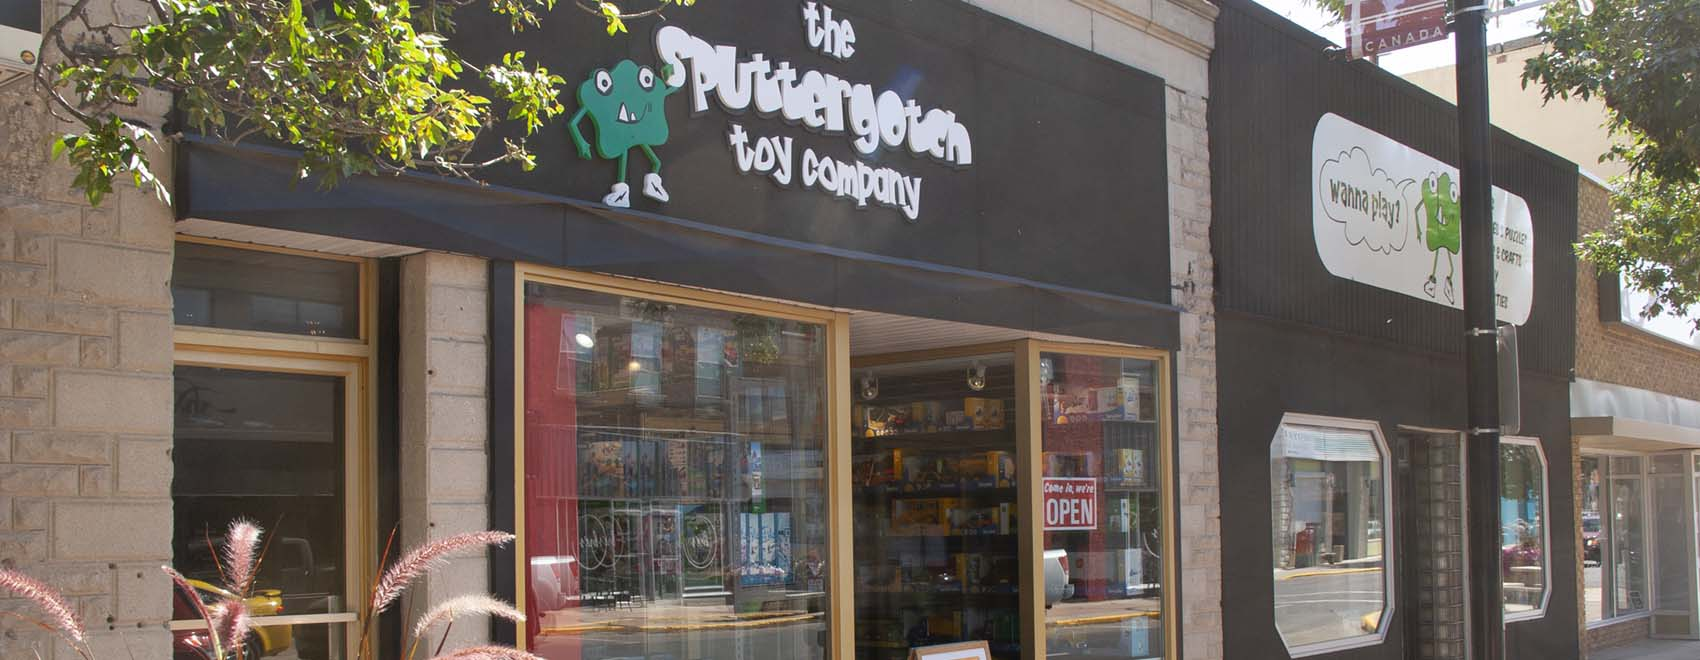 Sputtergotch Toy Company